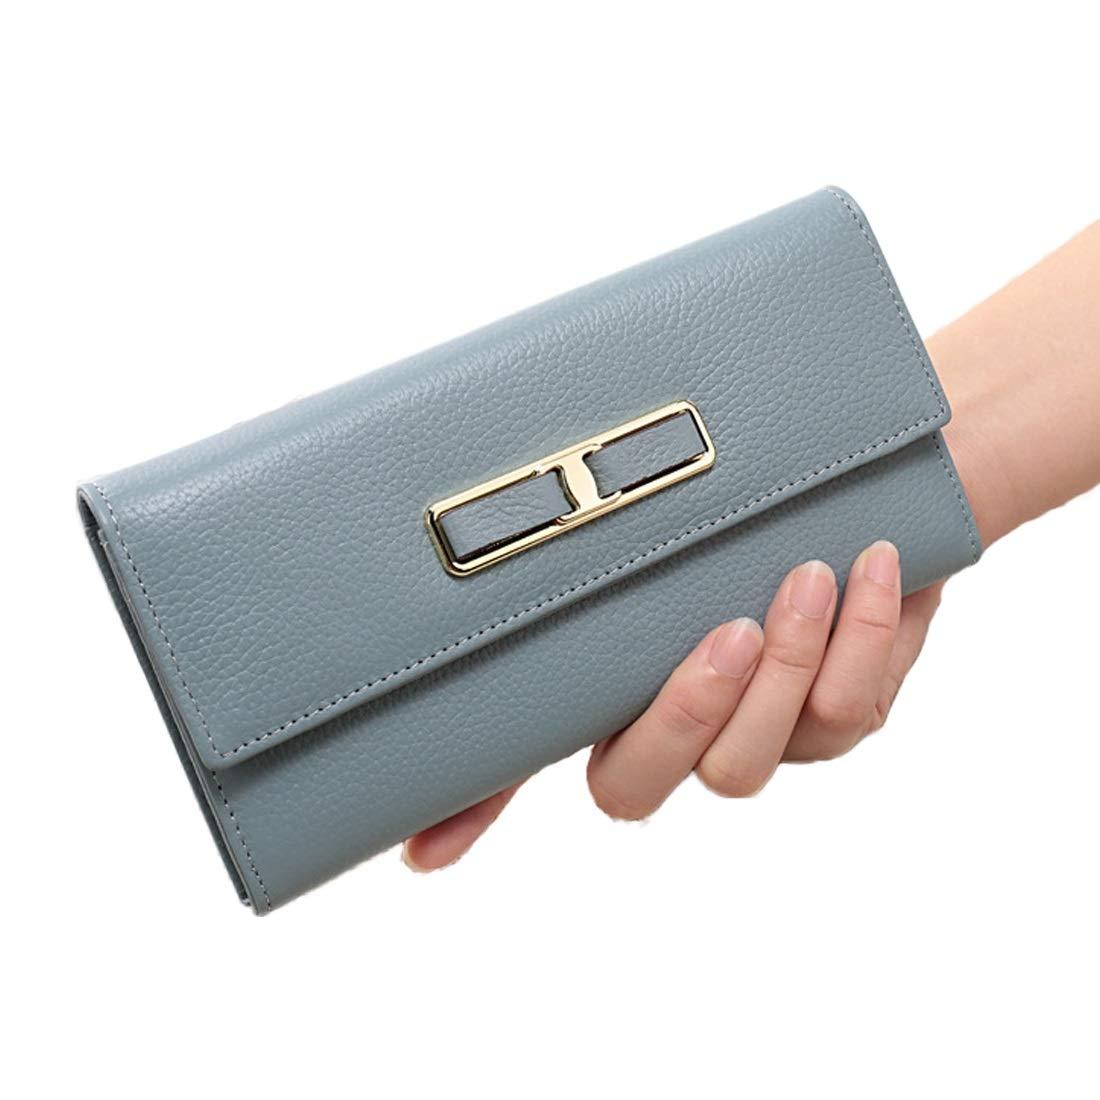 Olprkgdg Leder Metall Dekoration Fair Maiden Persönlichkeit Brieftasche Geschenke an Freundin Handtasche Kartenpaket (Farbe   Linen Blau) B07NV7HGL9 Geldbrsen